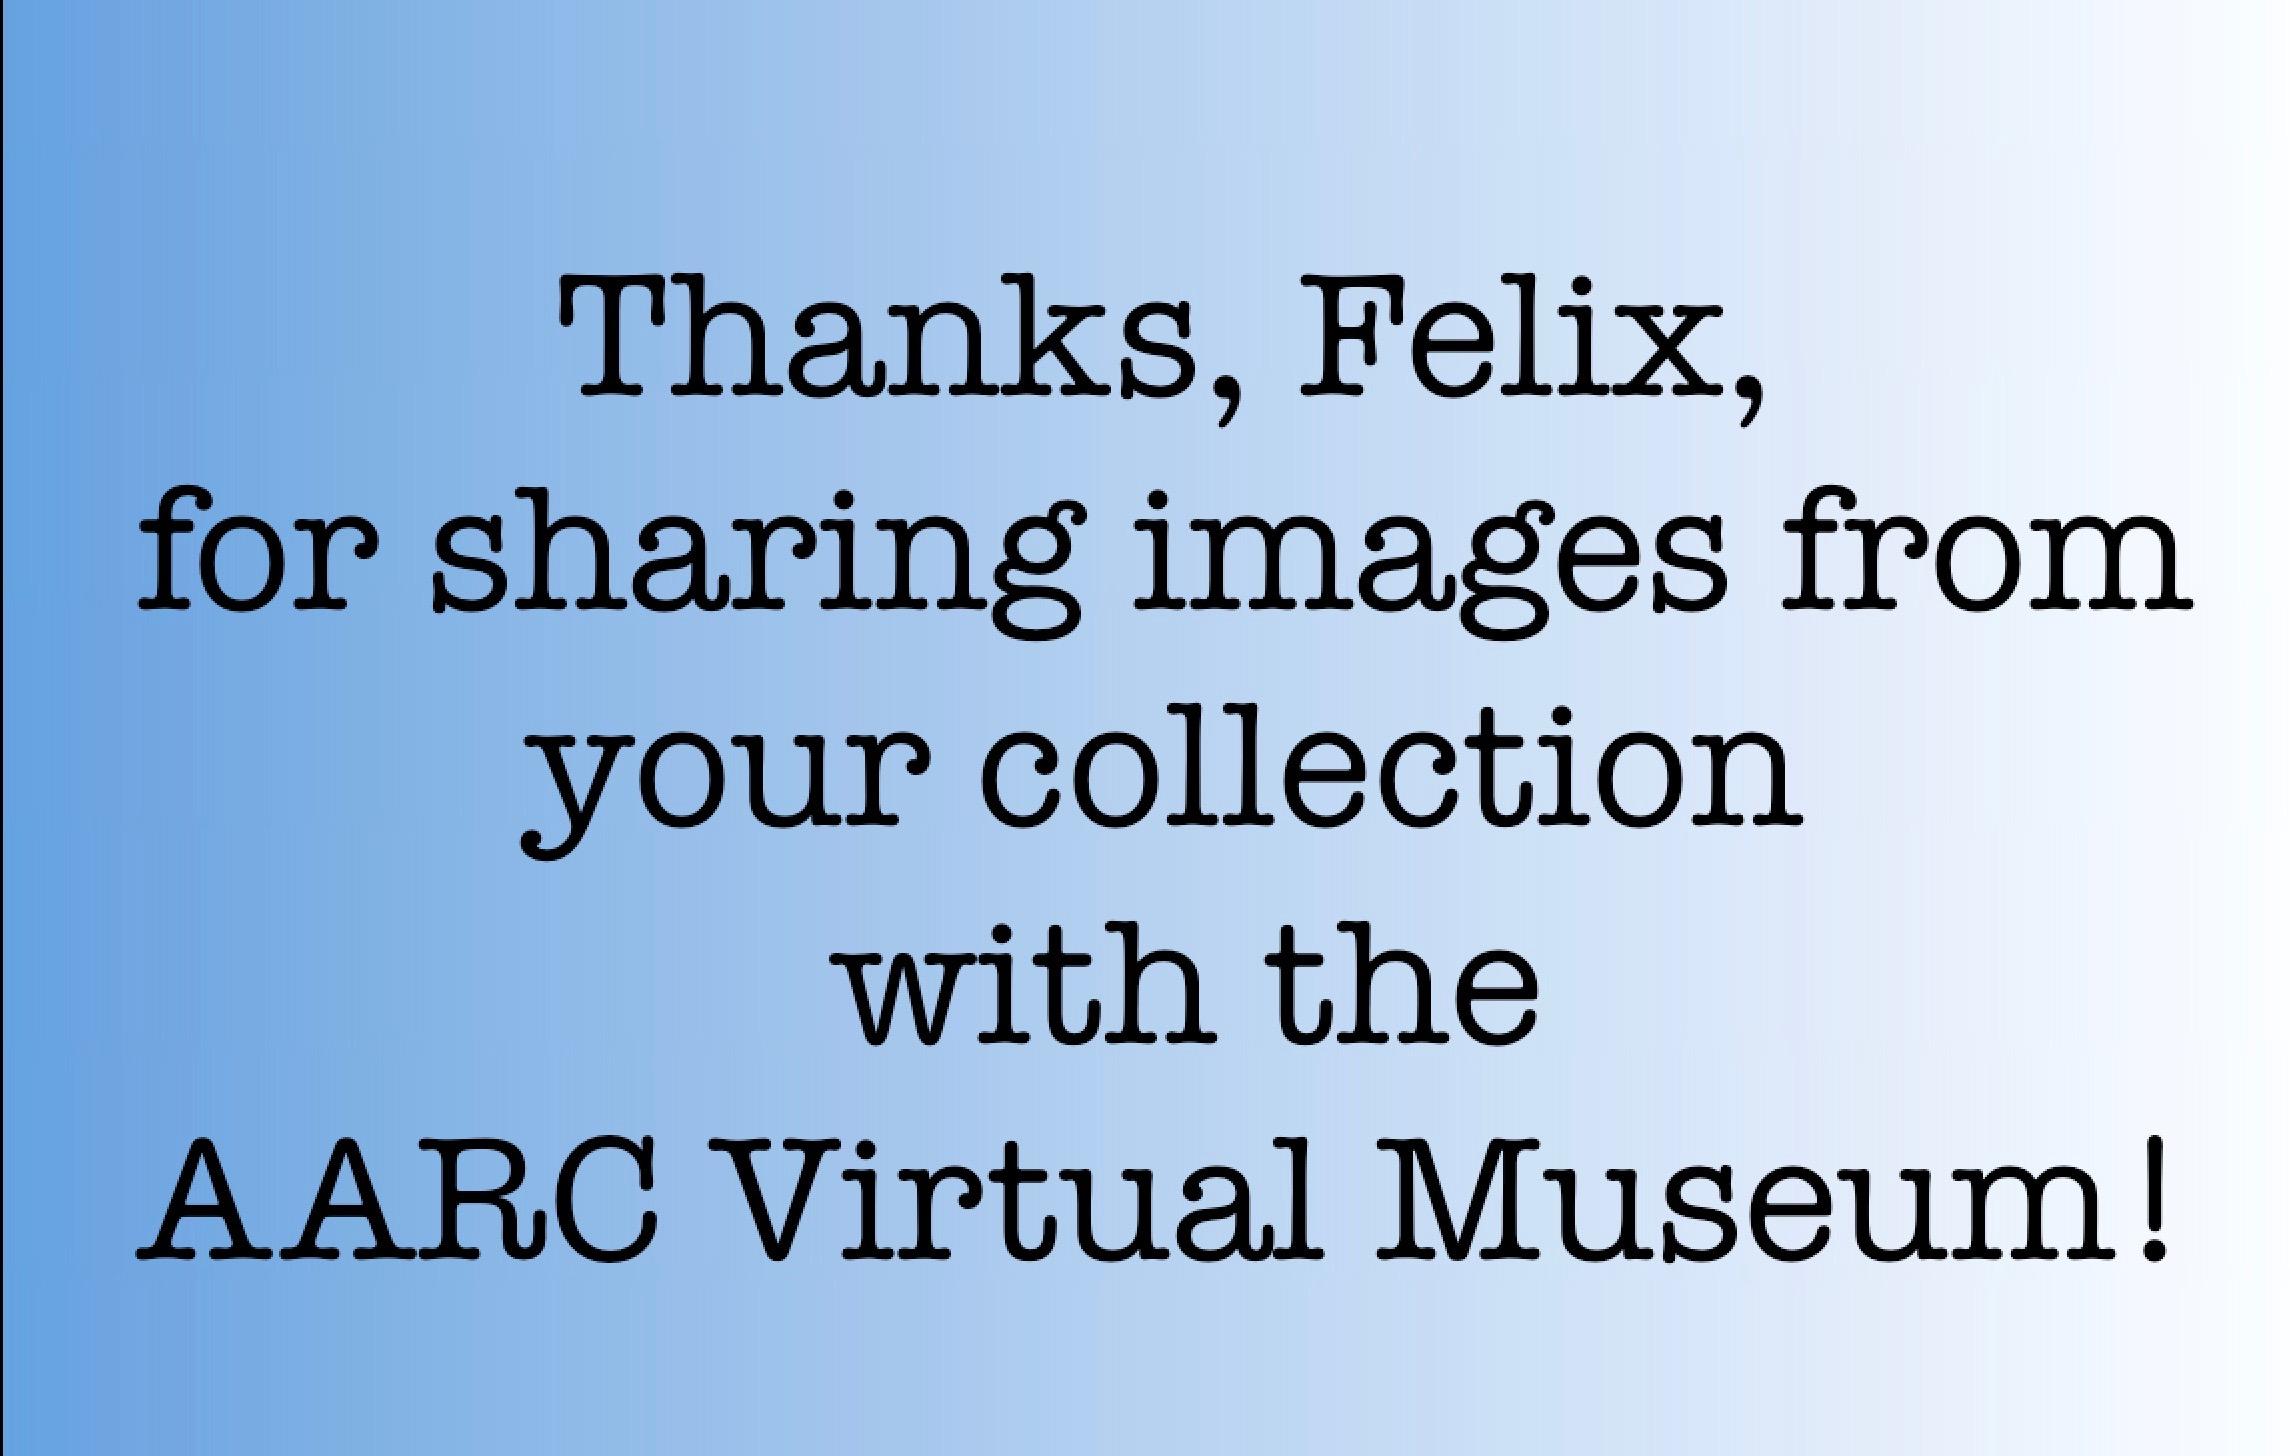 Thanks, Felix!